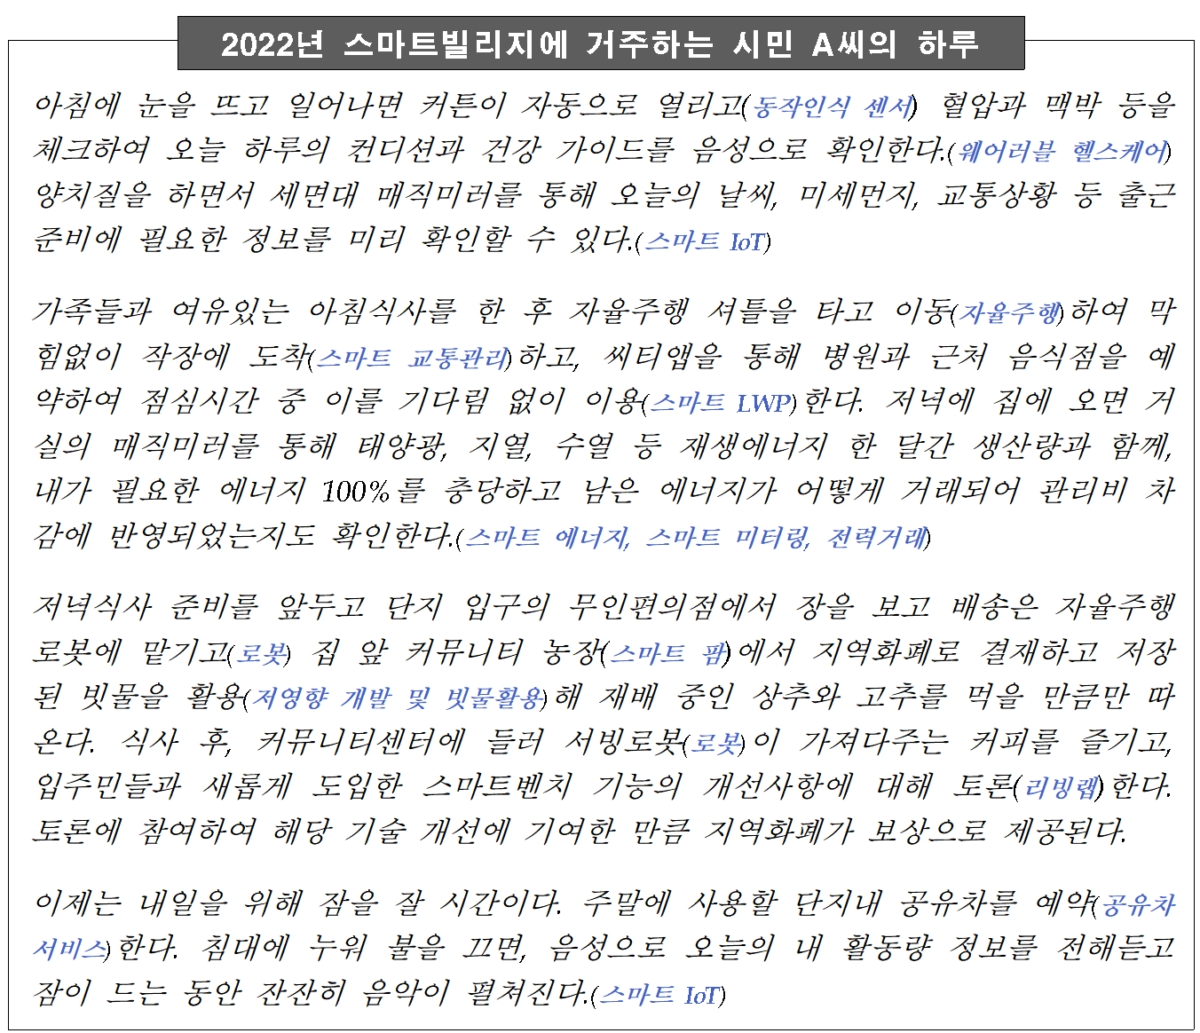 """스마트시티 부산서 첫 삽…""""최신 기술 집약된 첨단 도시"""""""